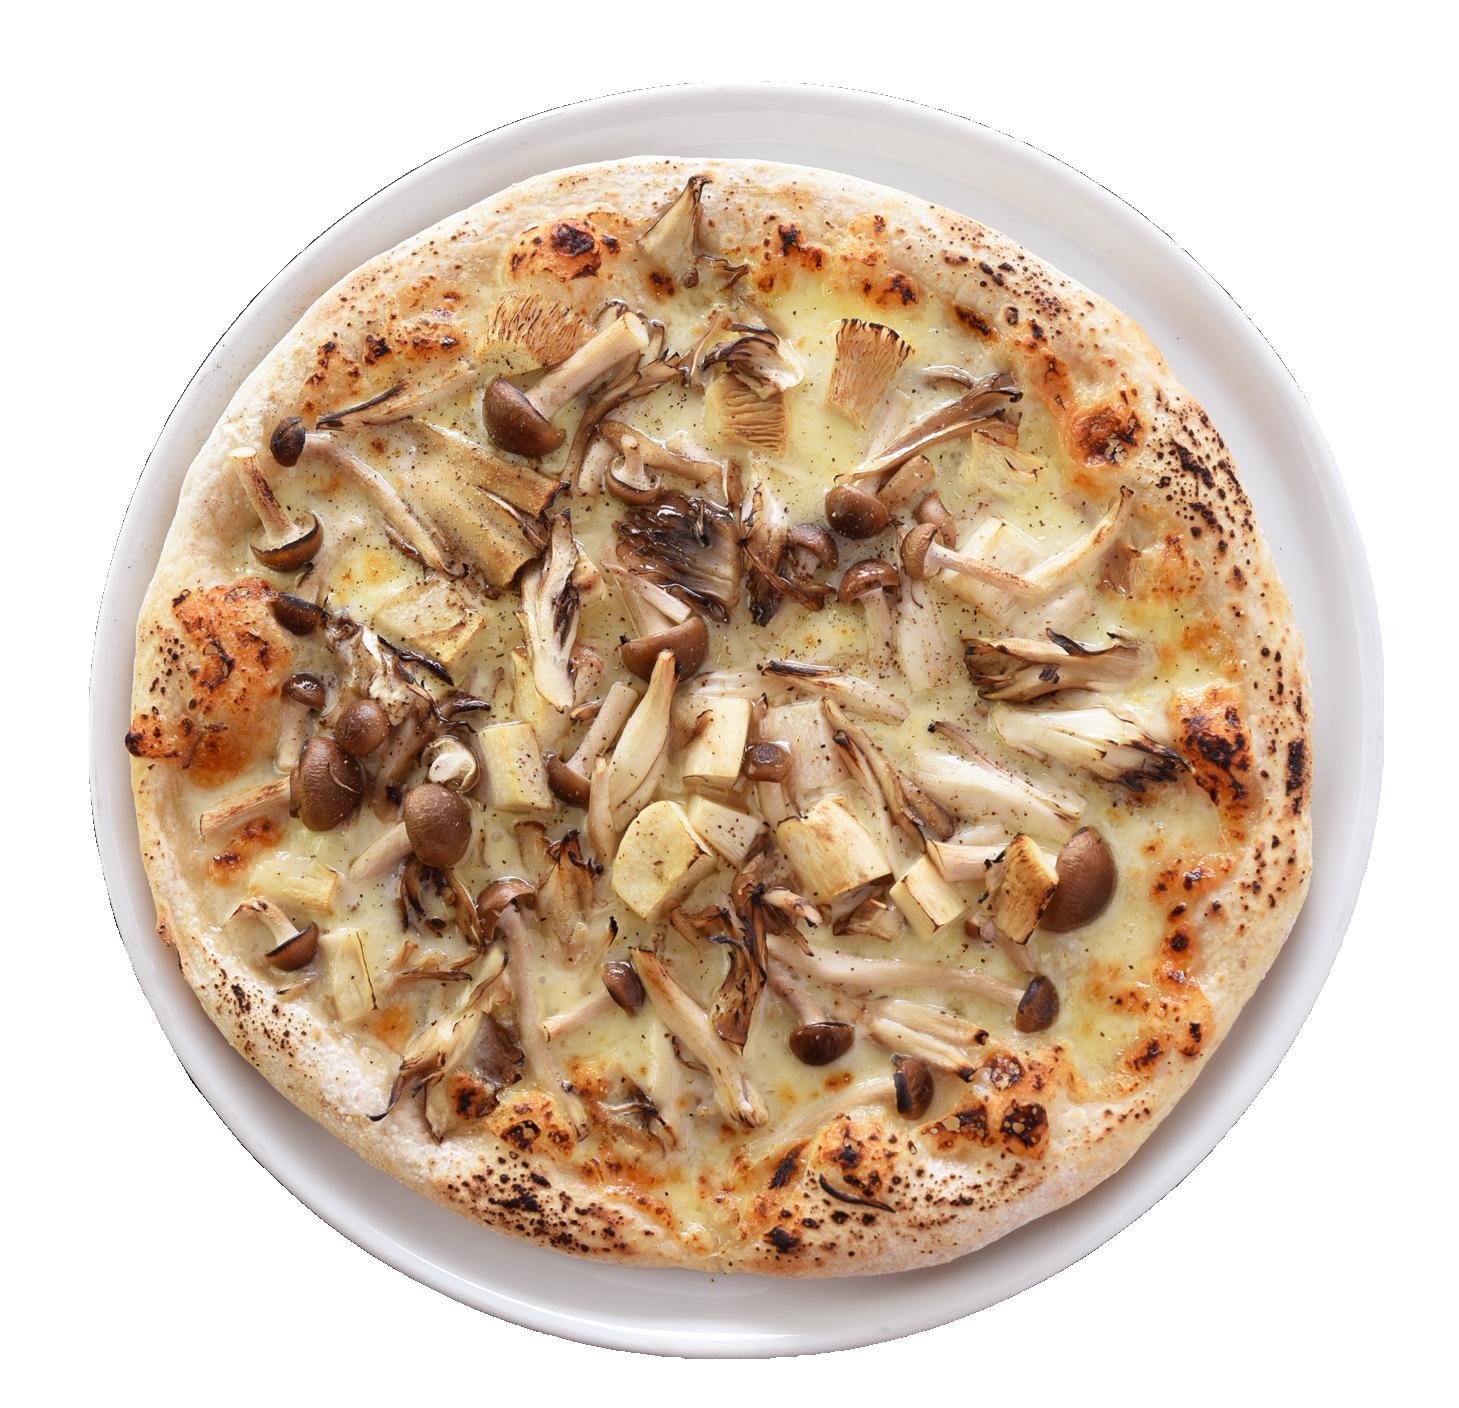 やさいたっぷり菜園風ピザ